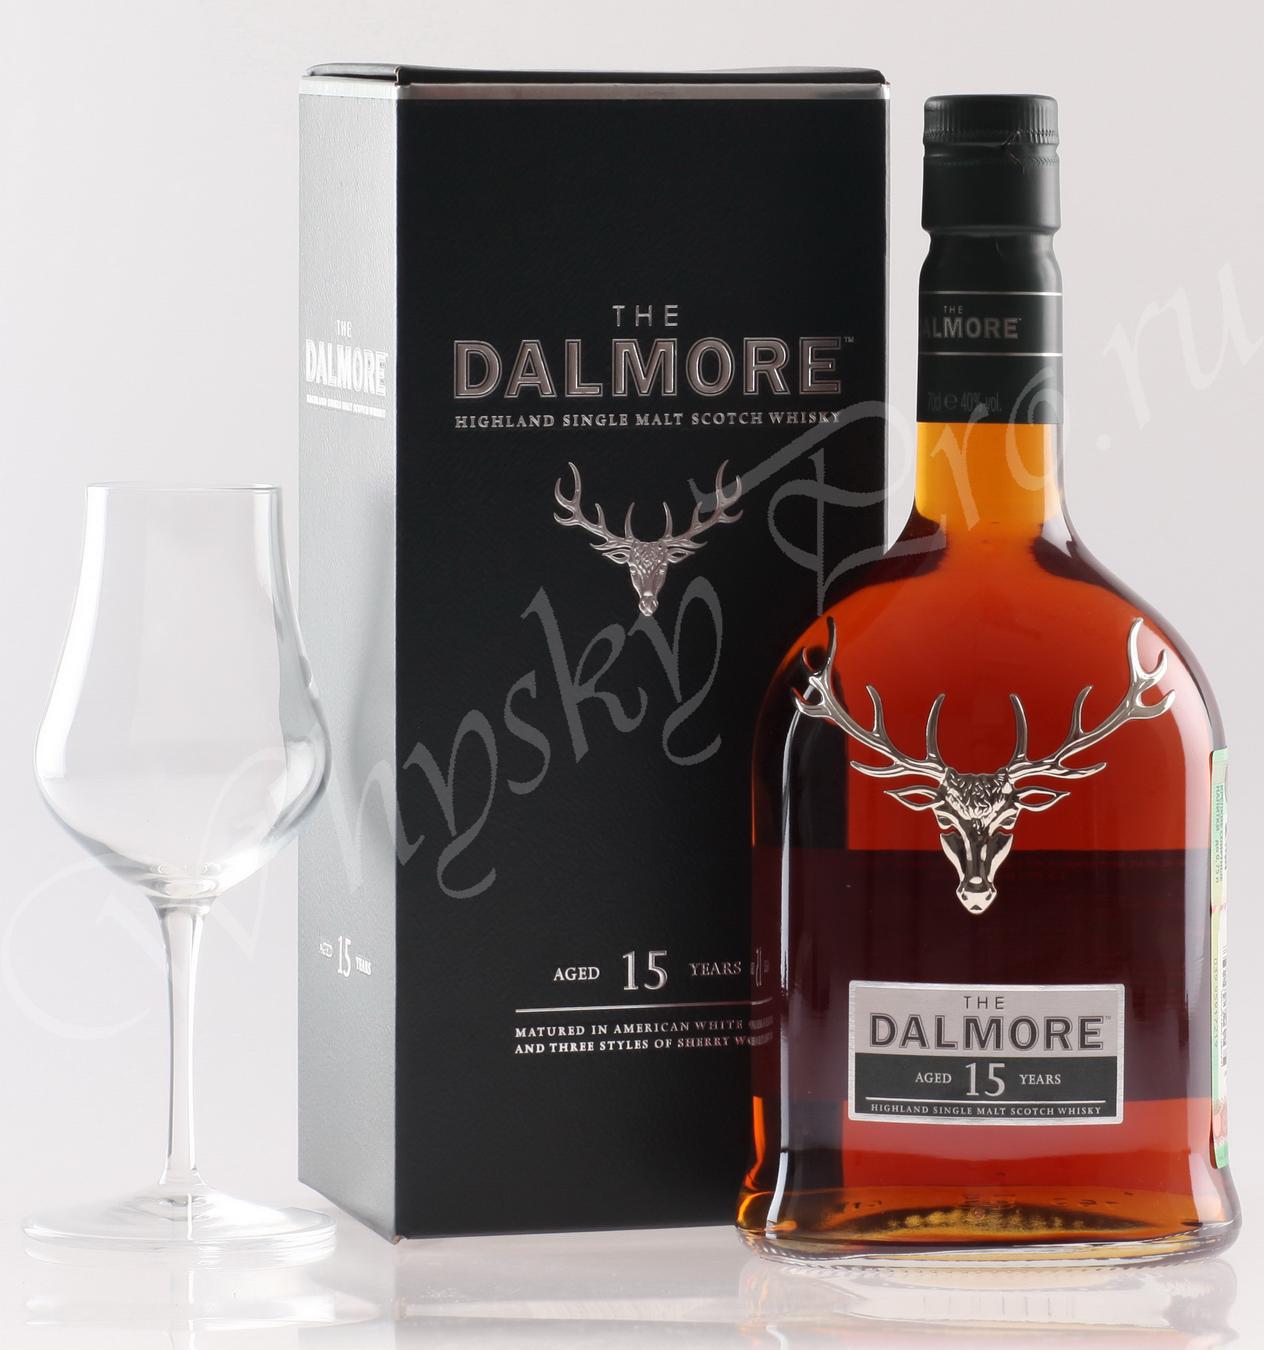 виски Далмор 15 лет Шотландский виски Dalmore 15 years